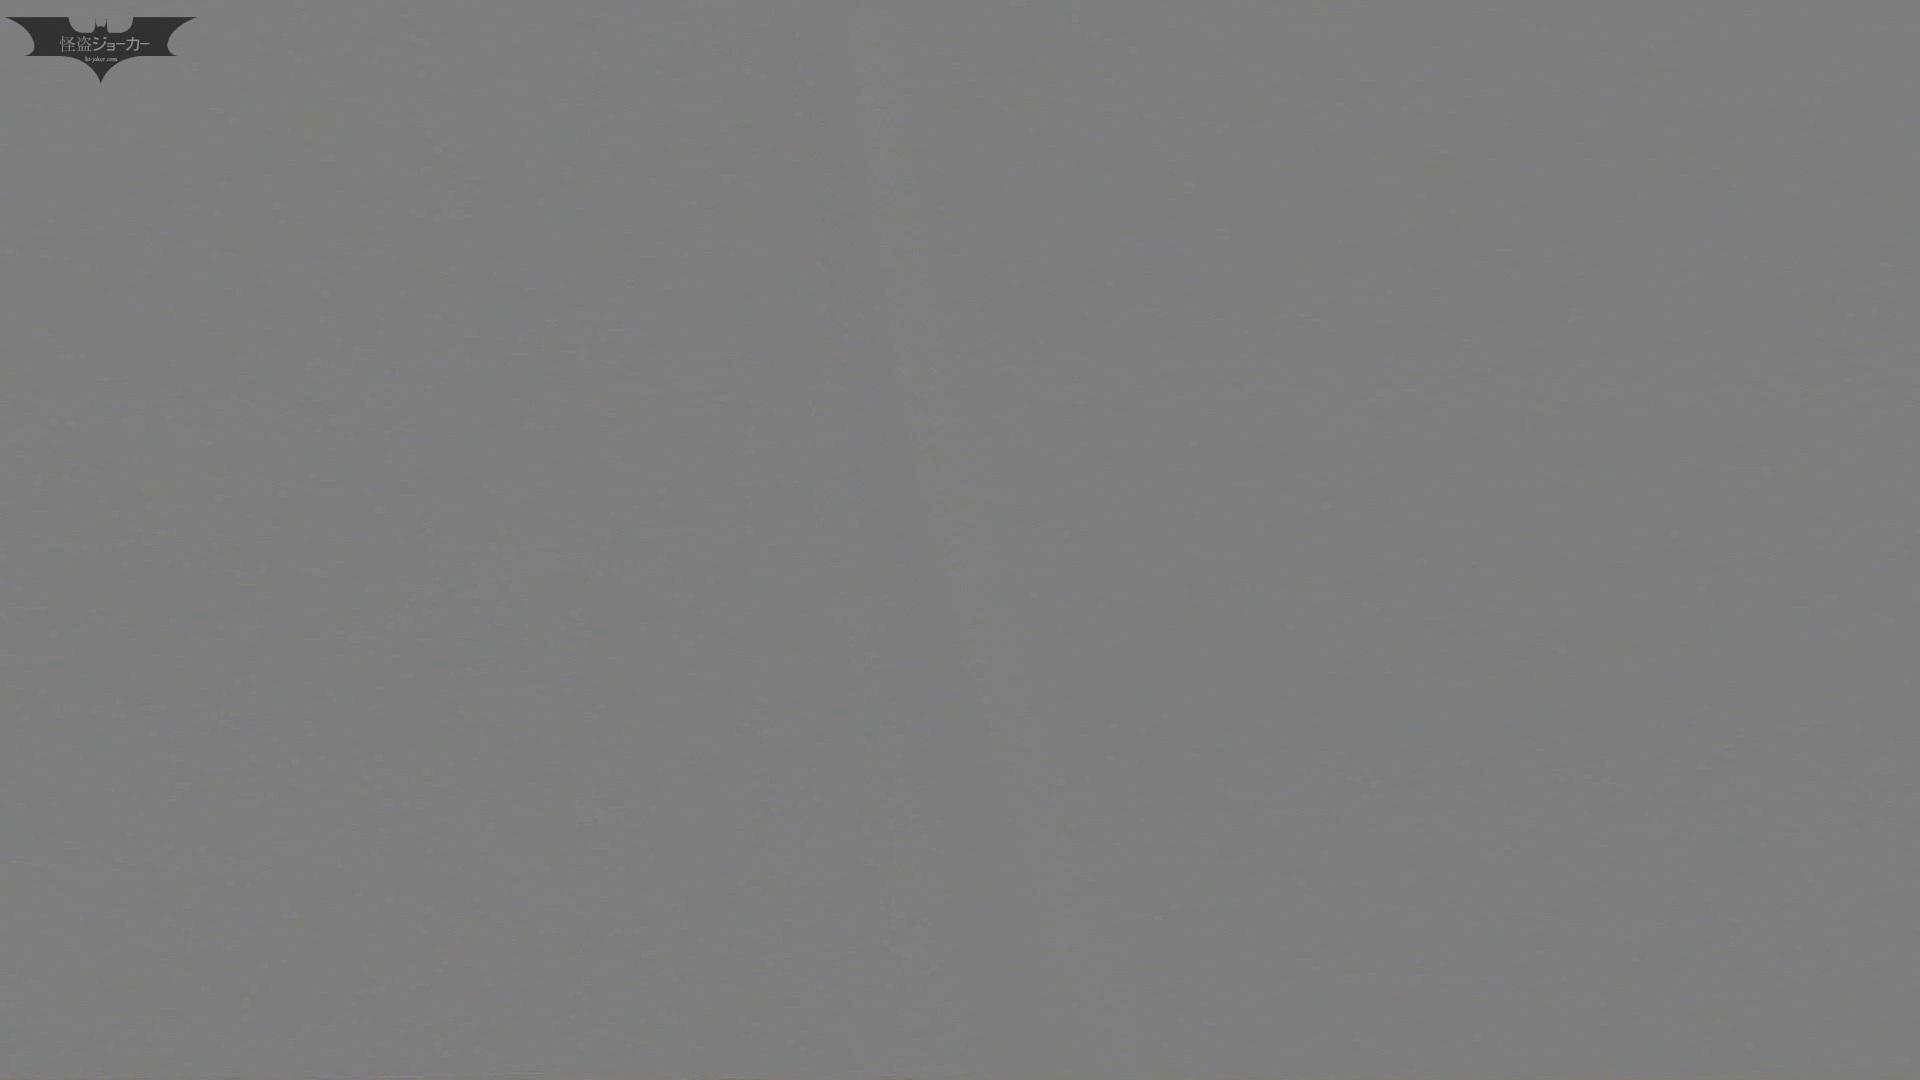 新世界の射窓 No64日本ギャル登場か?ハイヒール大特集! 洗面所着替え   ギャル・コレクション  95連発 34